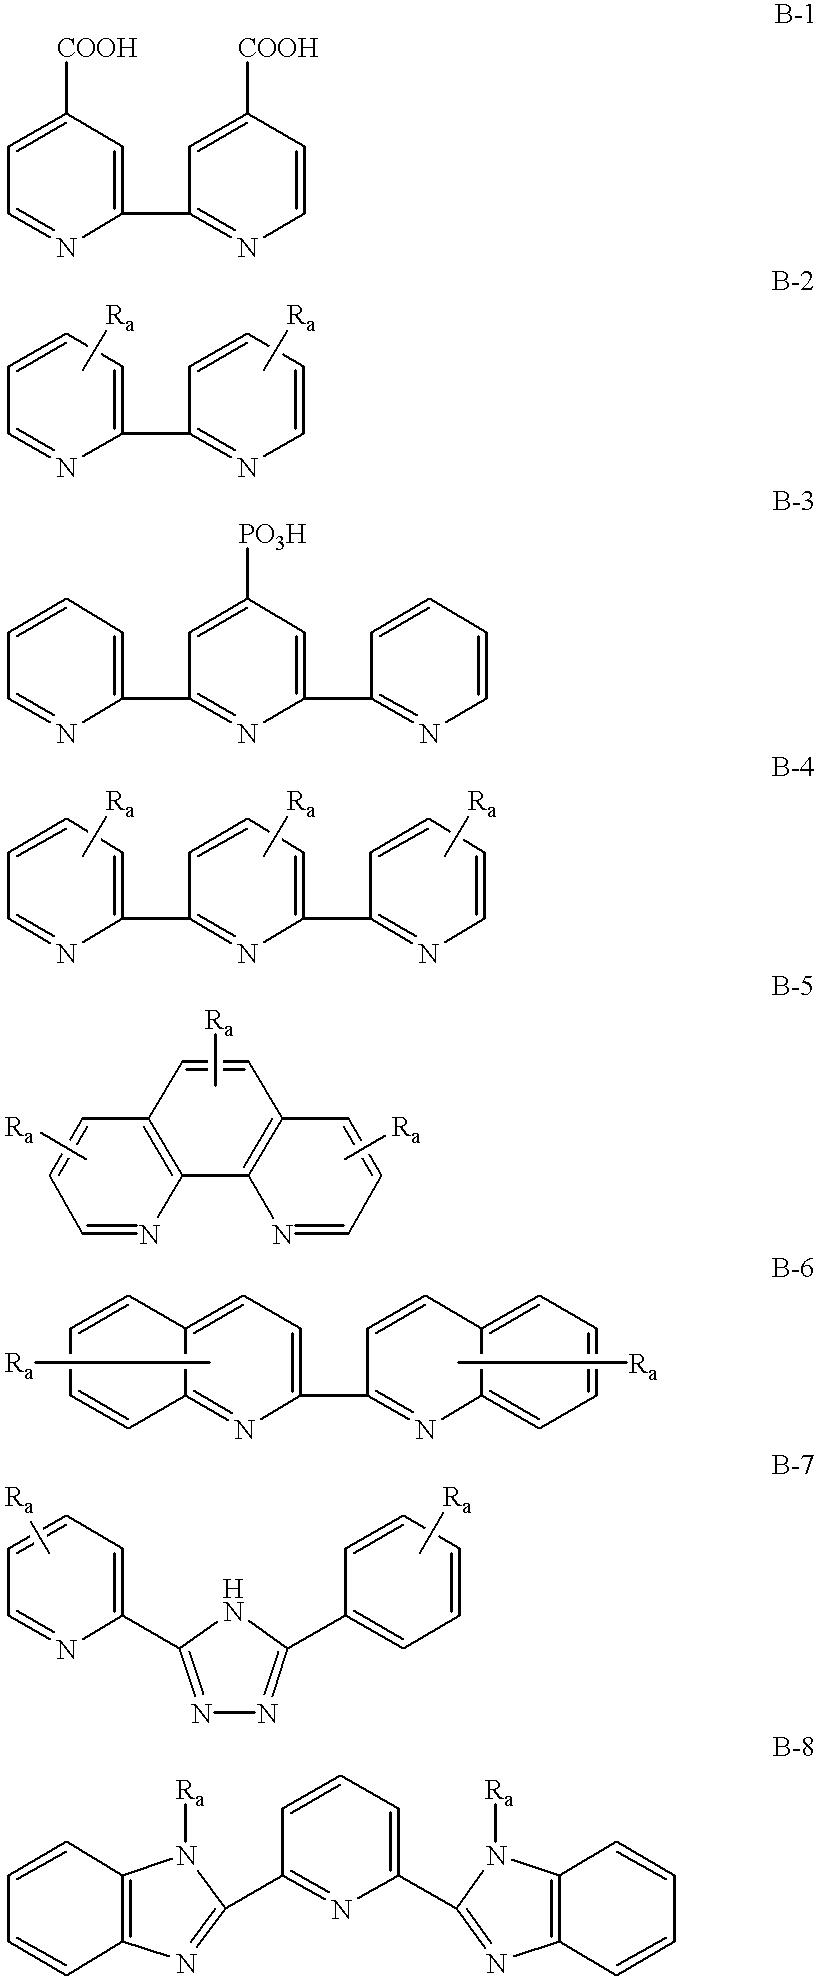 Figure US06291763-20010918-C00001